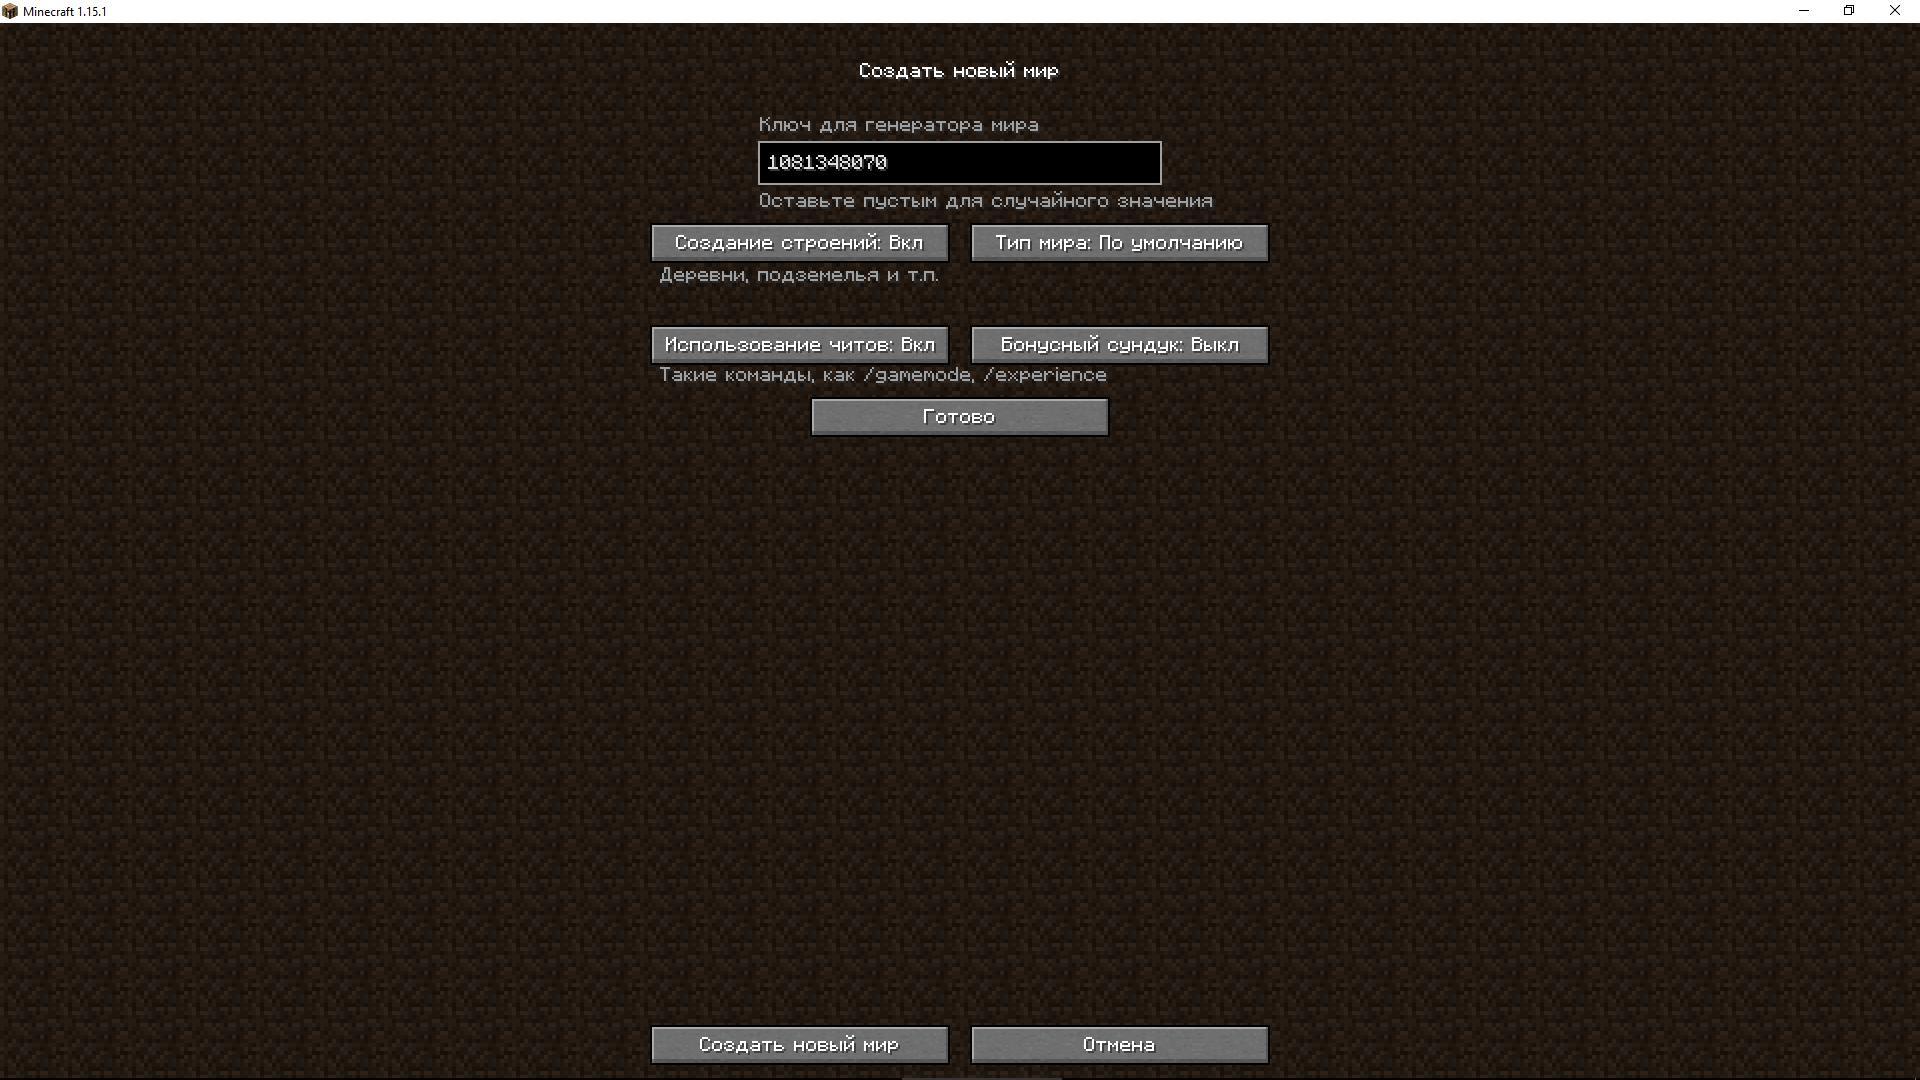 Сид «Появление в иглу» (Зимняя деревня) - скриншот 6